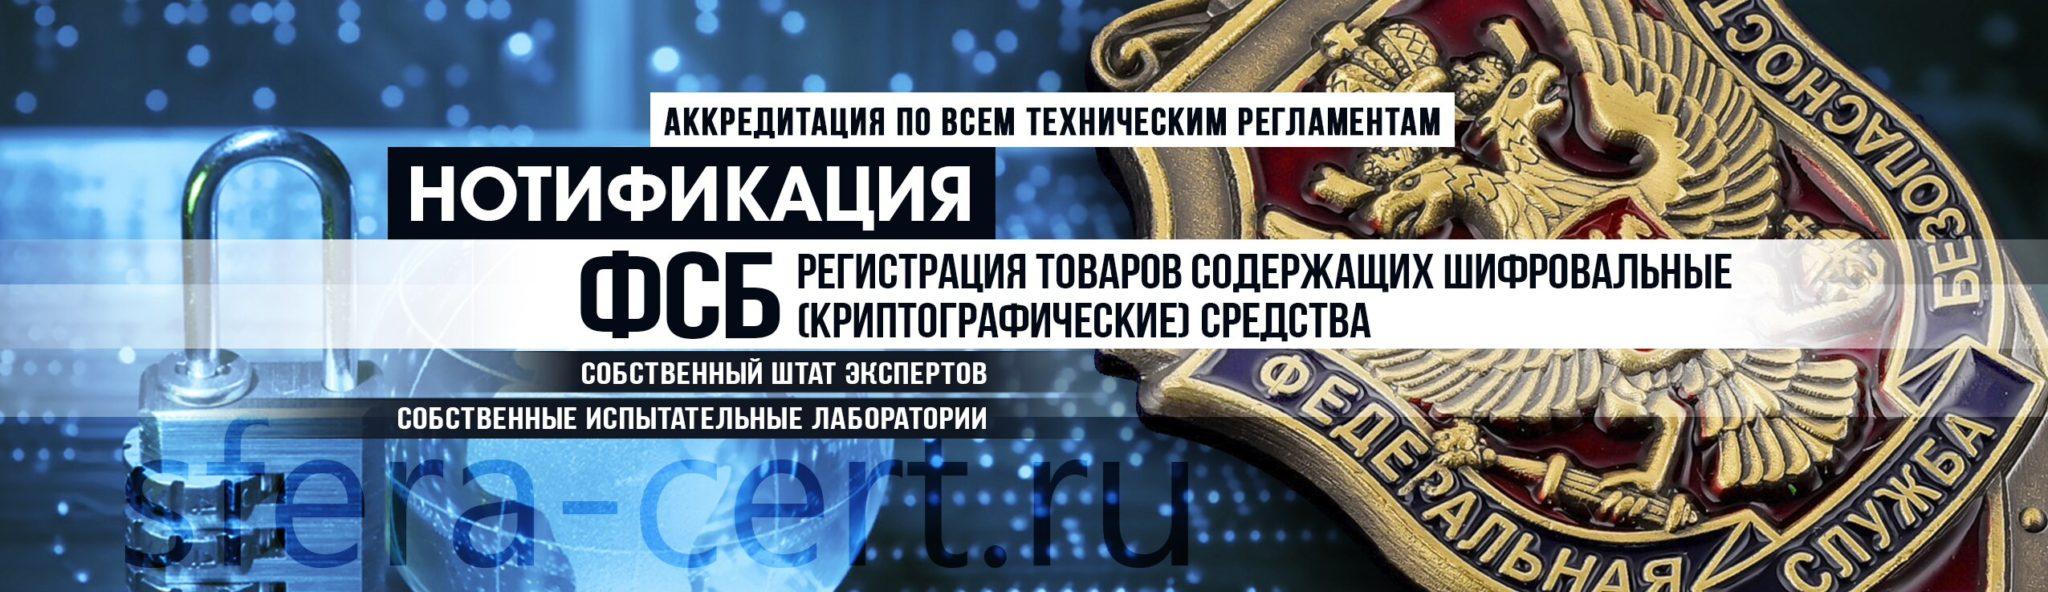 Нотификация ФСБ баннер